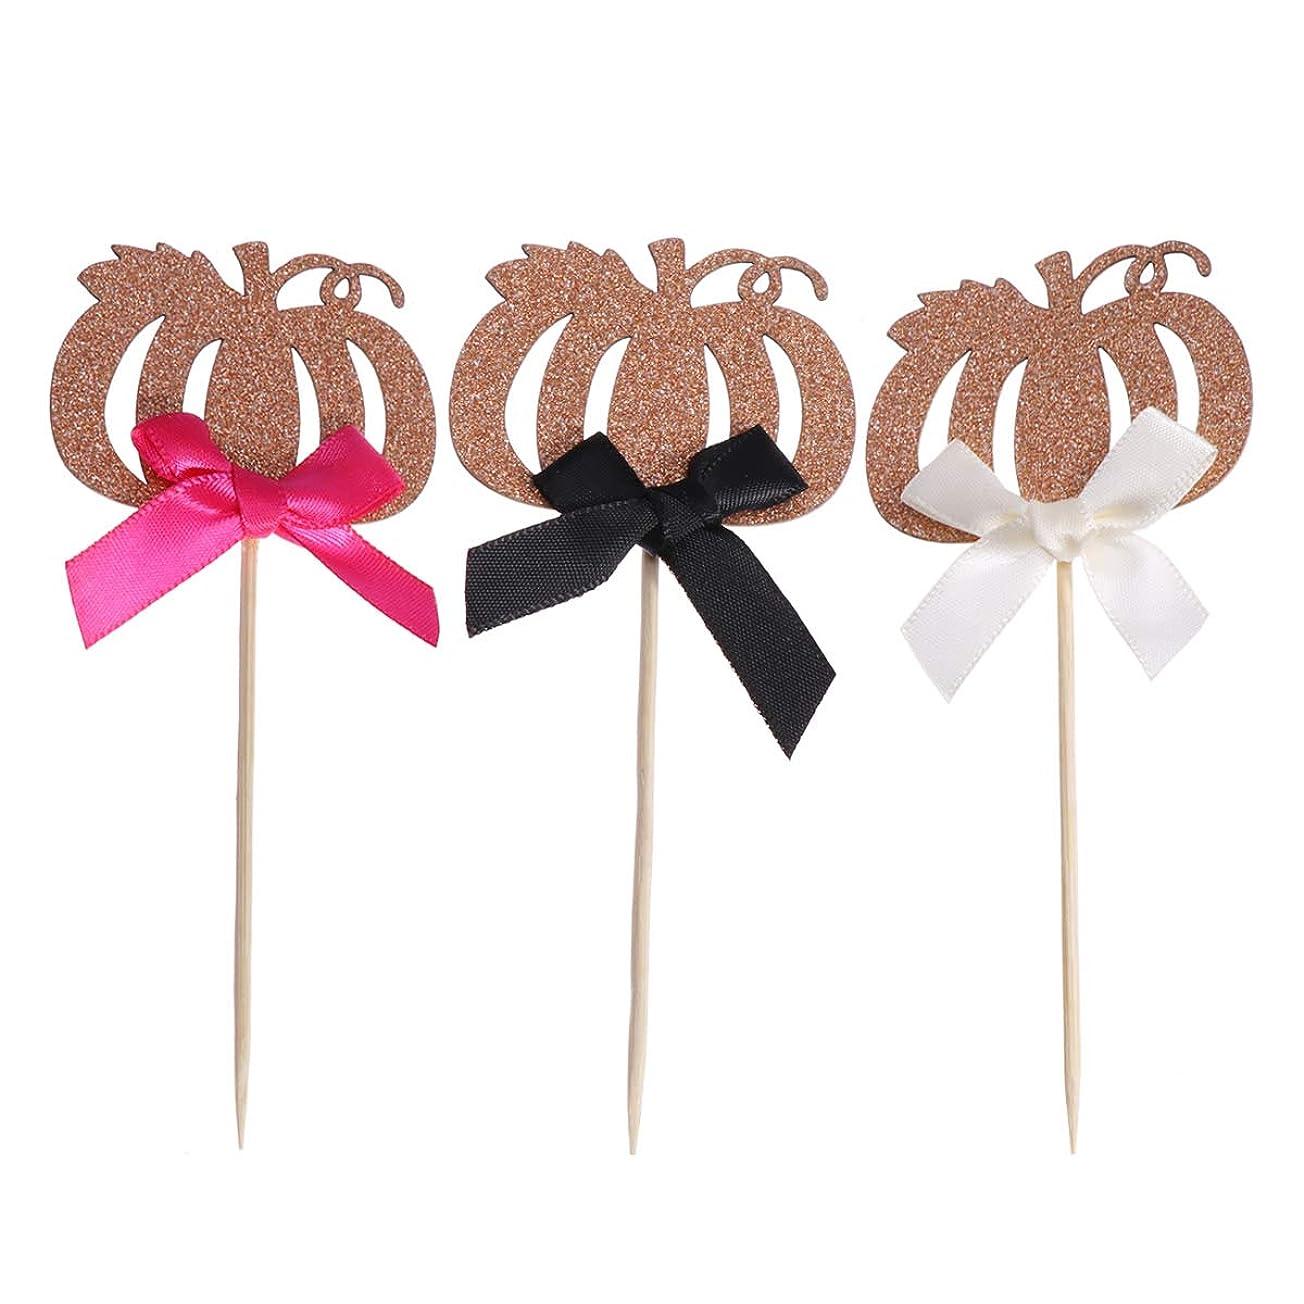 簿記係性能座るちょう結びキラキラカップケーキピックカップケーキの装飾パーティー用品のための12ピースかわいいカボチャケーキトッパー